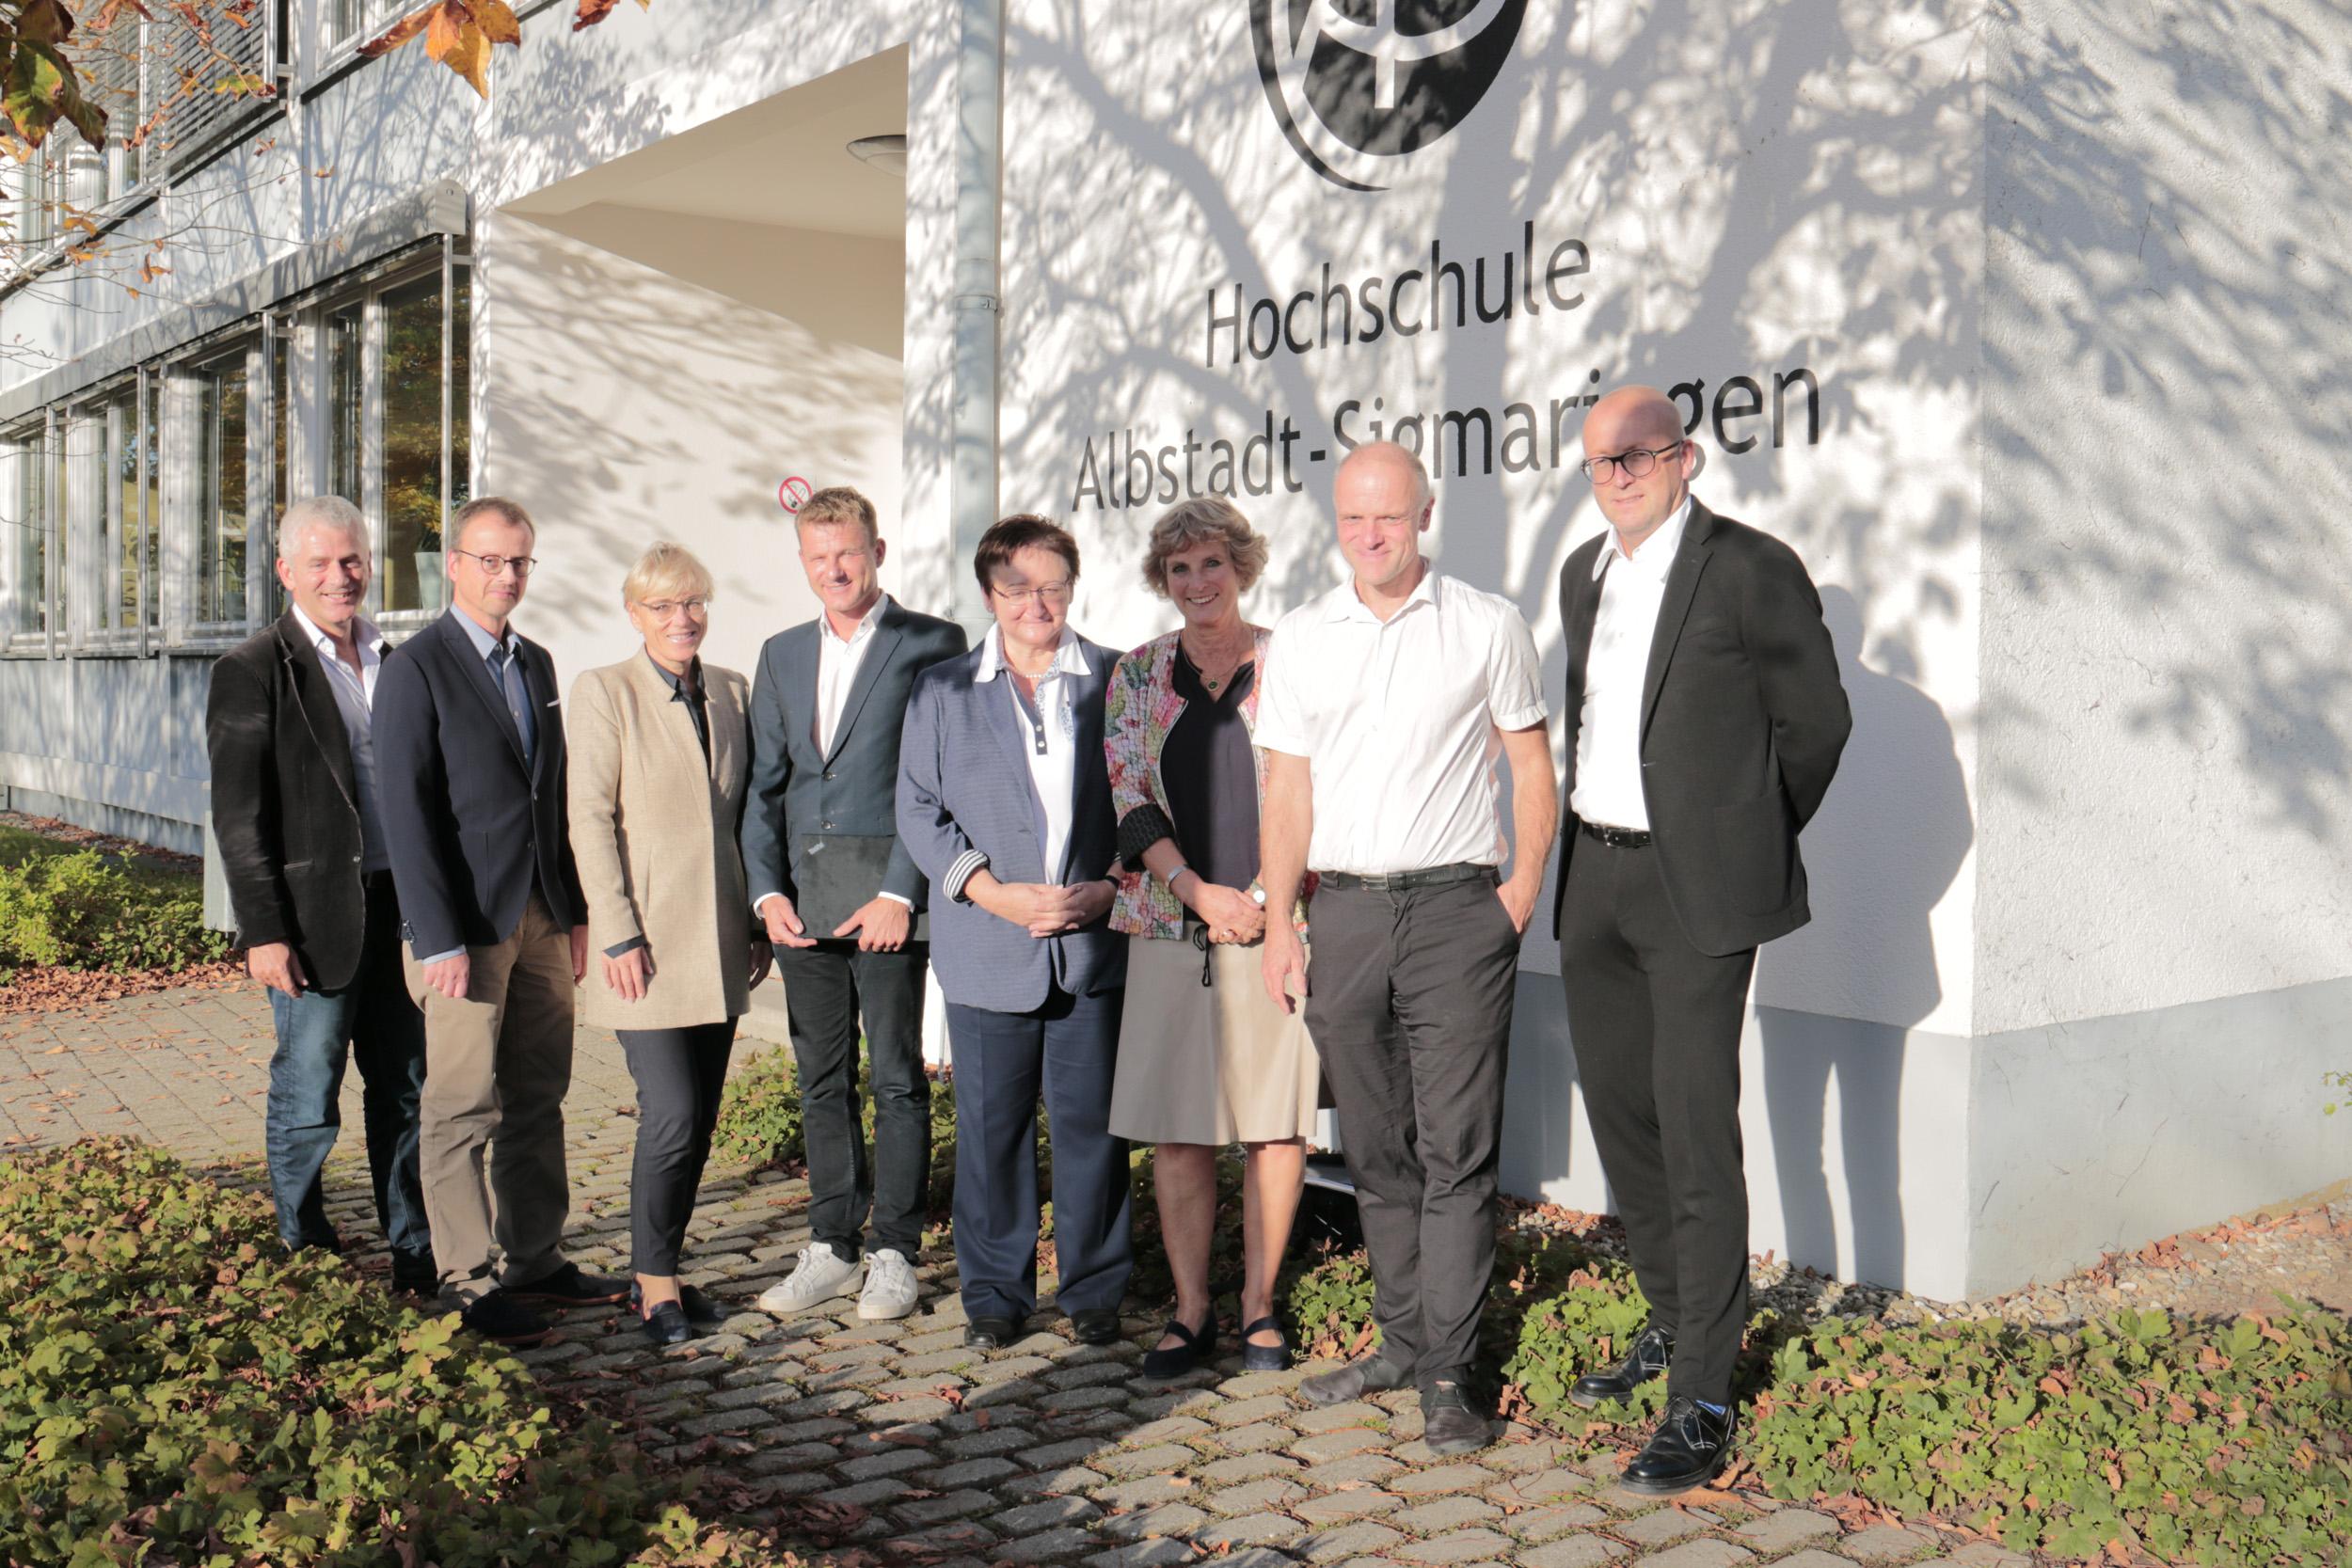 Hochschulfinanzierung: Starke Basis für den Wissenschaftsstandort Baden-Württemberg